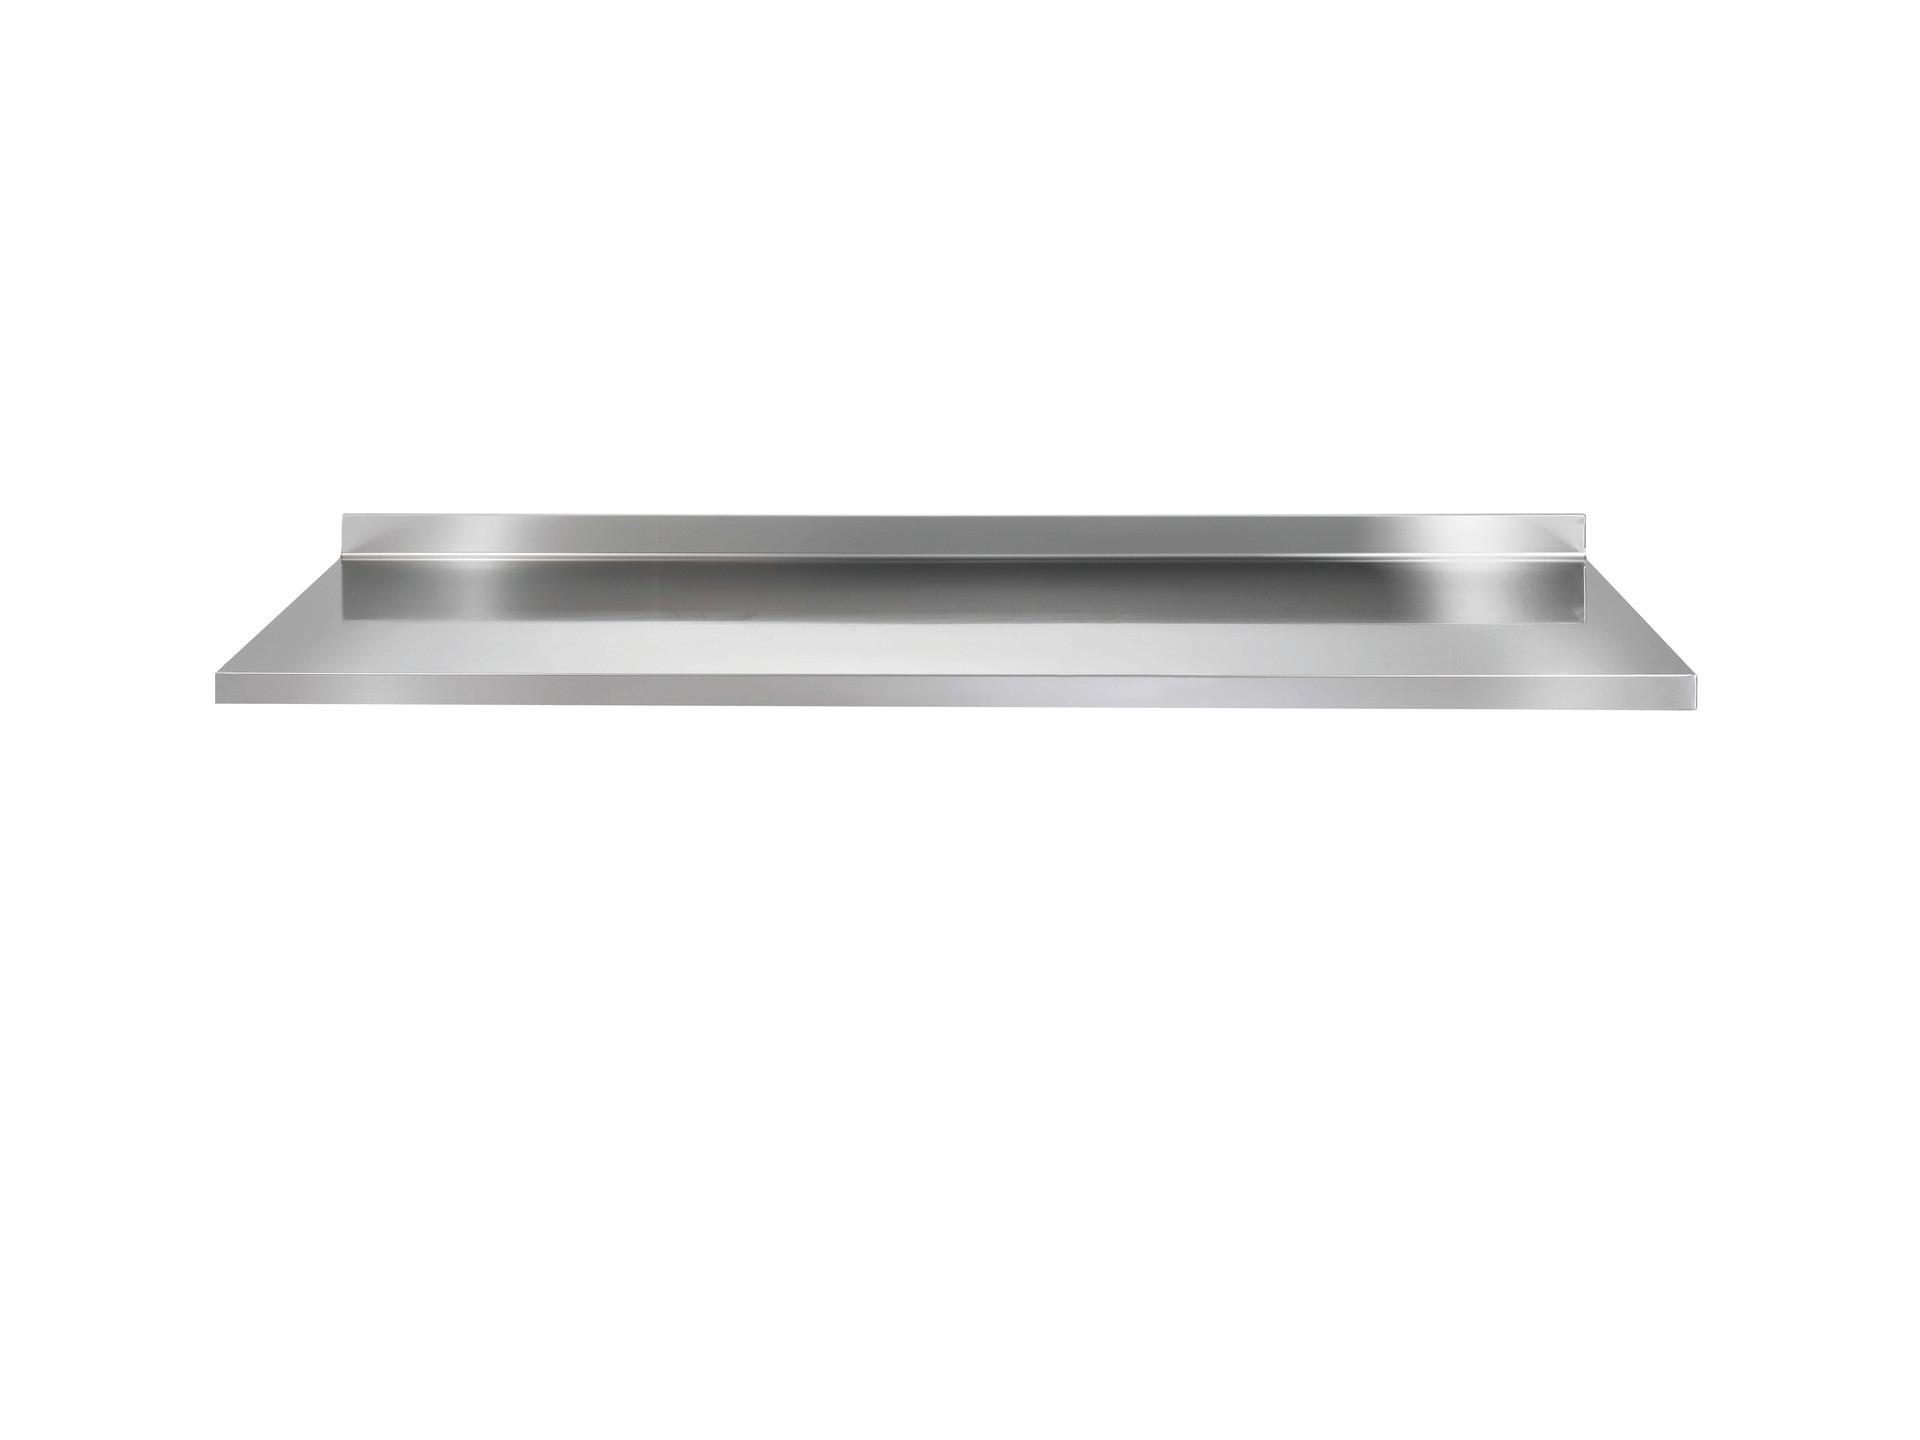 arbeitsplatte f k hltisch 1721 x 700 mm mit 50 mm aufkantung p schel gastro. Black Bedroom Furniture Sets. Home Design Ideas